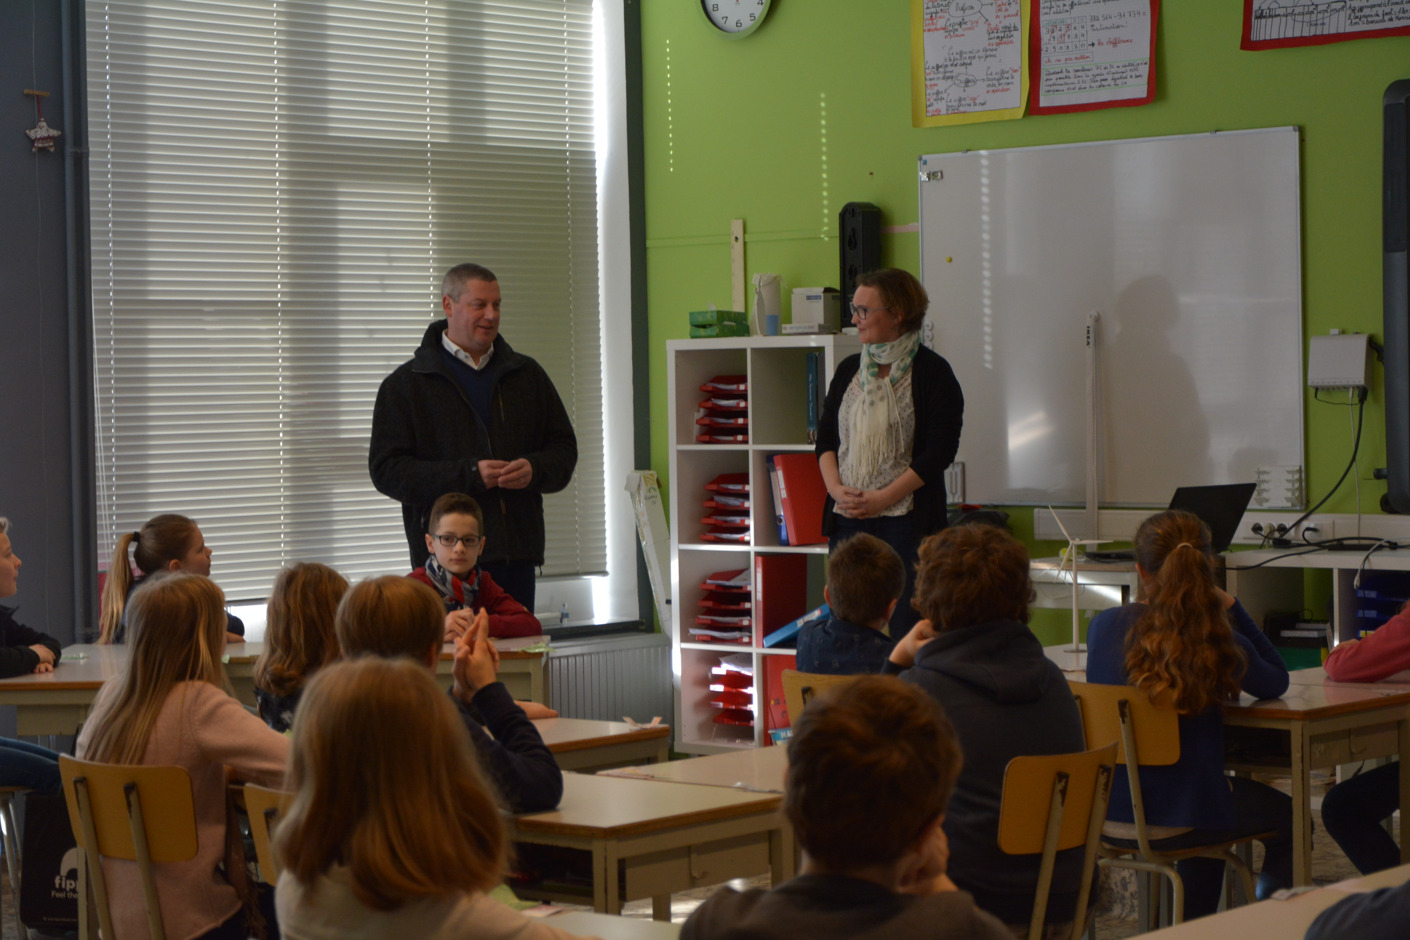 Les élèves de 11 à 12 ans de Neufchâteau reçoivent une animation sur les énergies et le développement durable